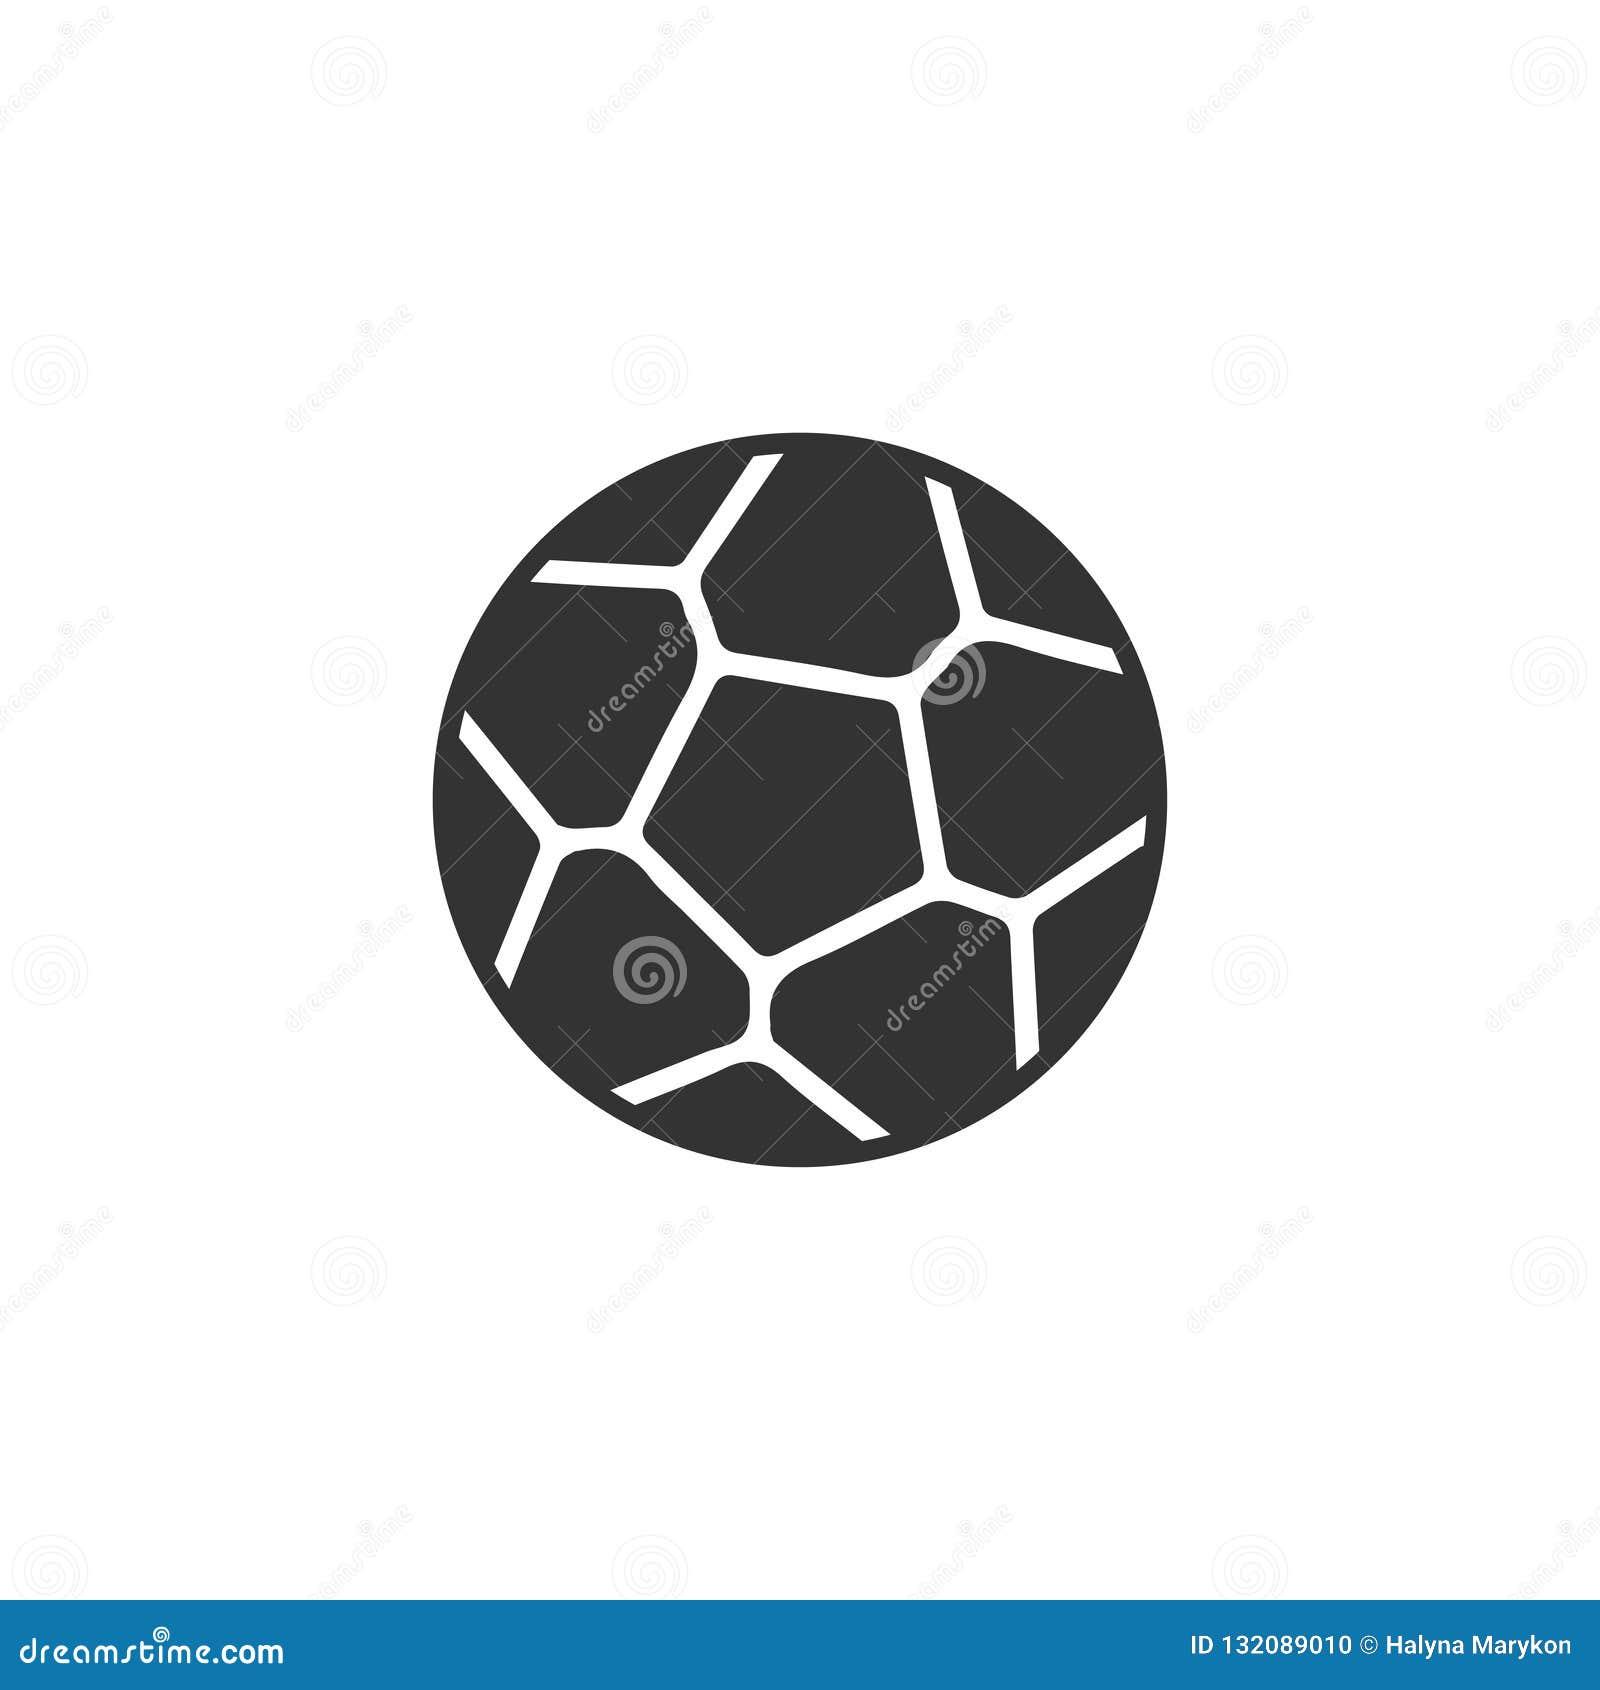 Icono del balón de fútbol plano